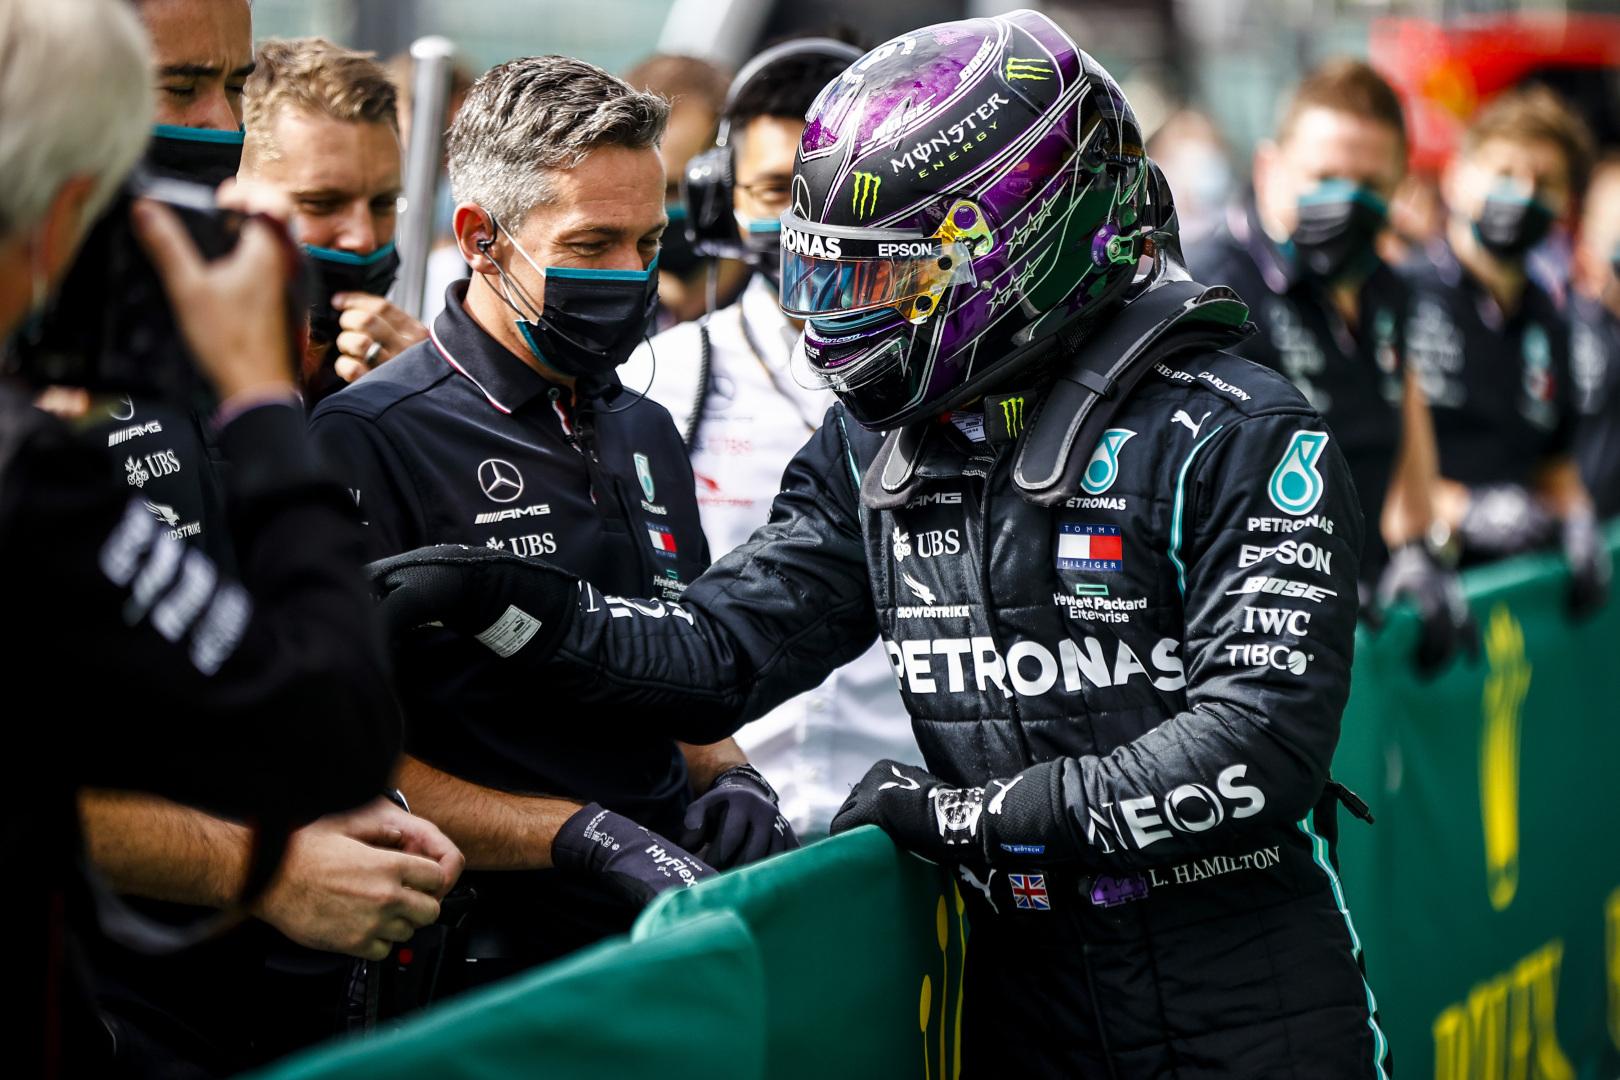 L. Hamiltonas baiminosi, kad nepasikartotų Silverstoune vykusių lenktynių scenarijus